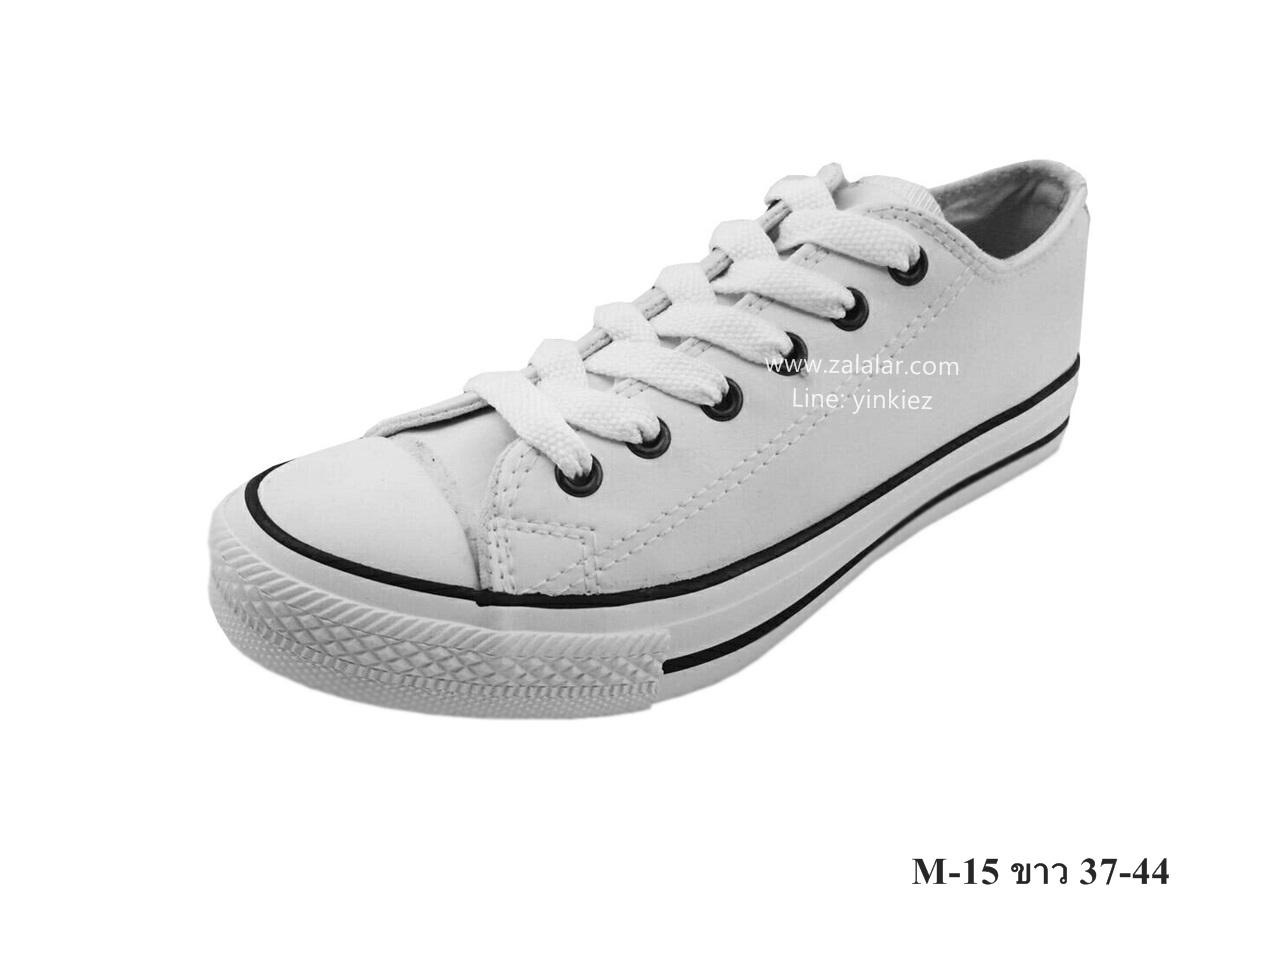 [พร้อมส่ง] รองเท้าผ้าใบแฟชั่น รุ่น M-15 สีขาว แบบหนัง